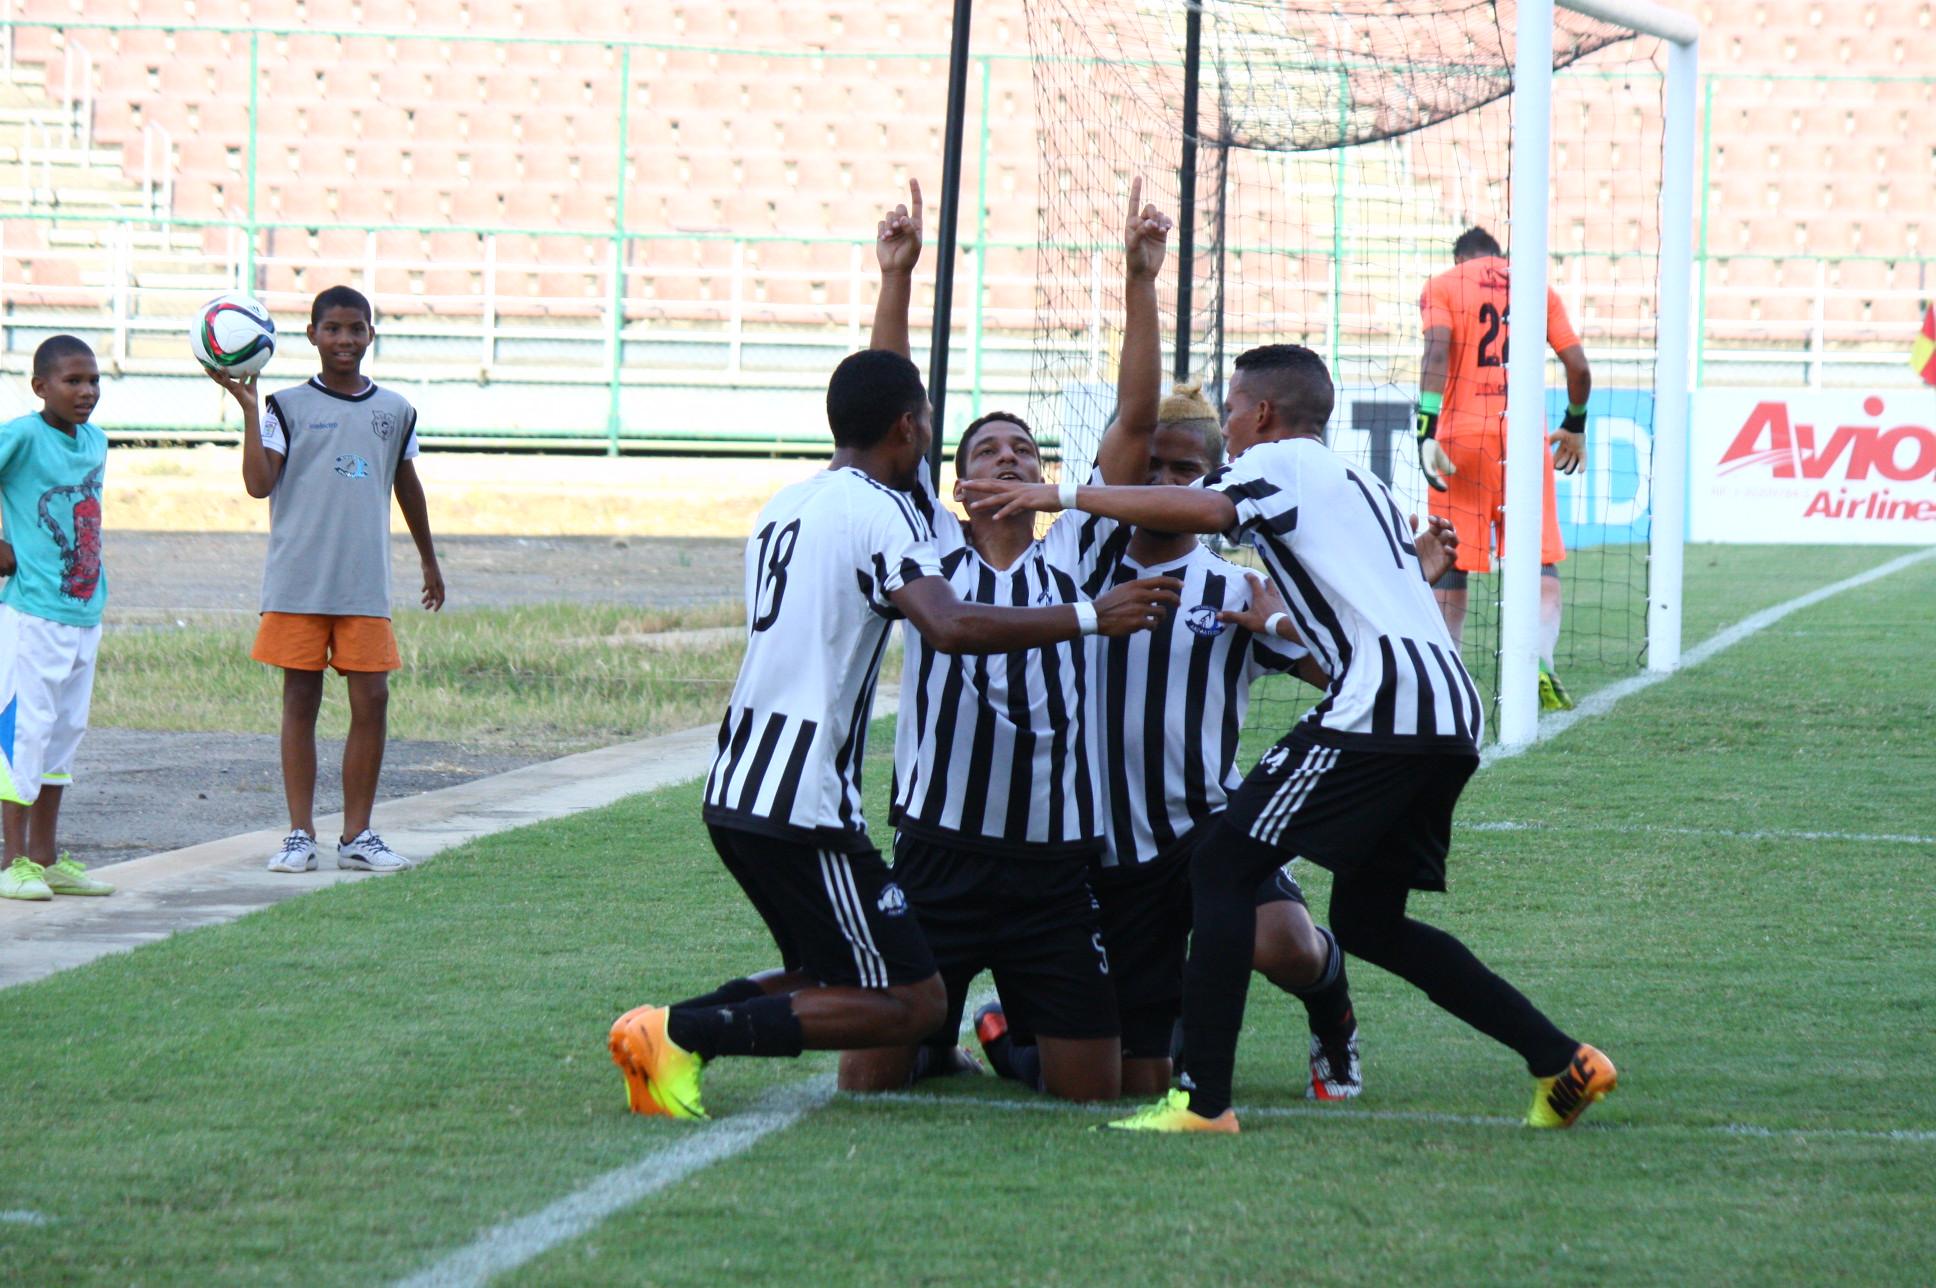 Petroleros de Anzoátegui estuvo a un partido de lograr un torneo invicto en la Segunda División